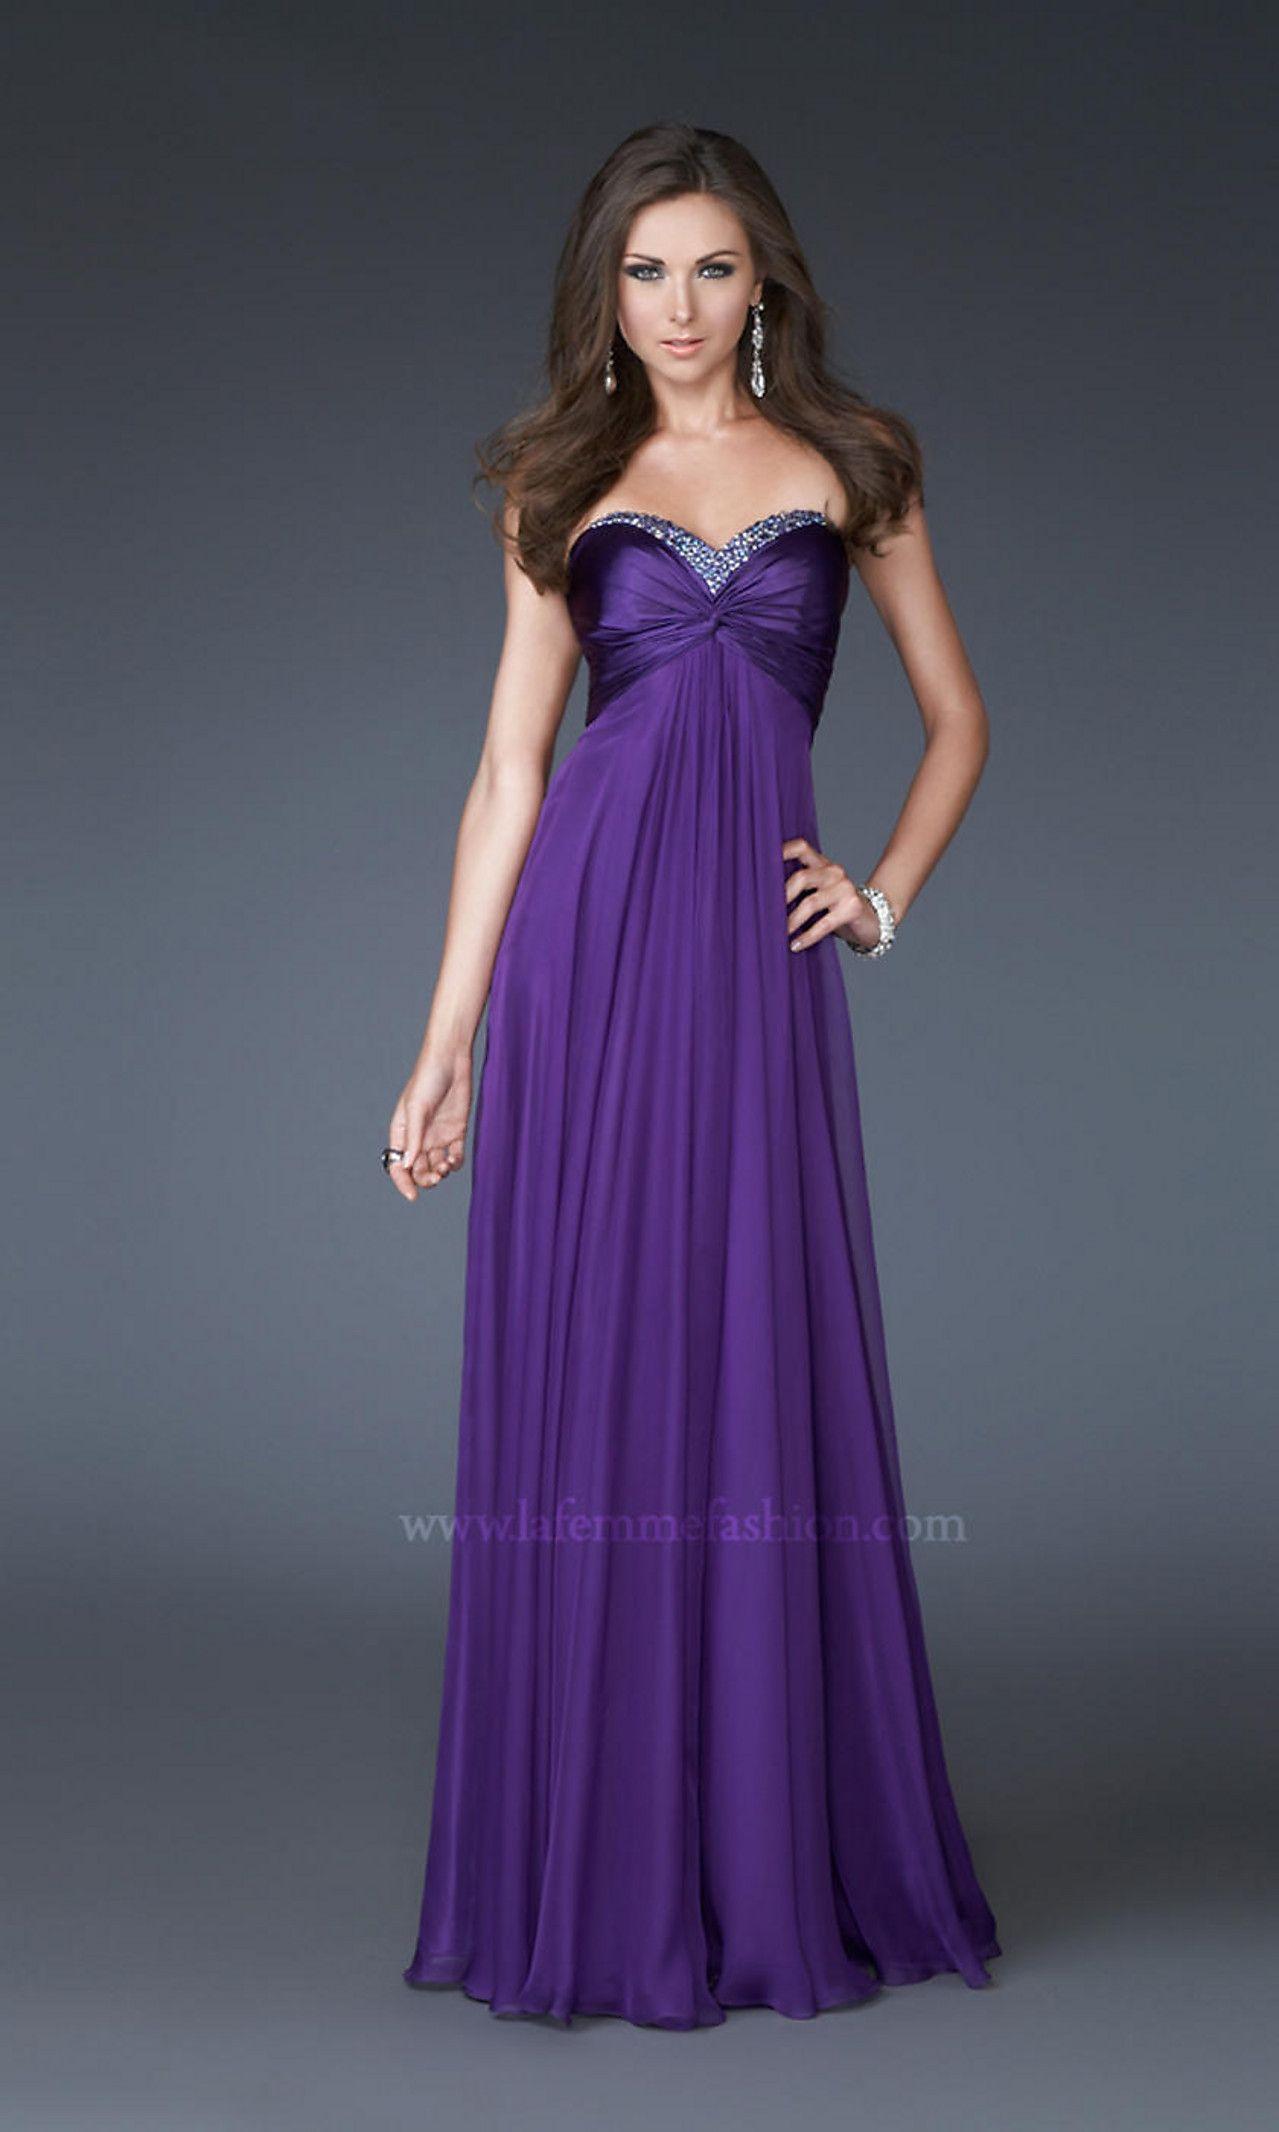 vestido lilas | Vestidos Lilás | Pinterest | Vestido lila, Lilas y ...